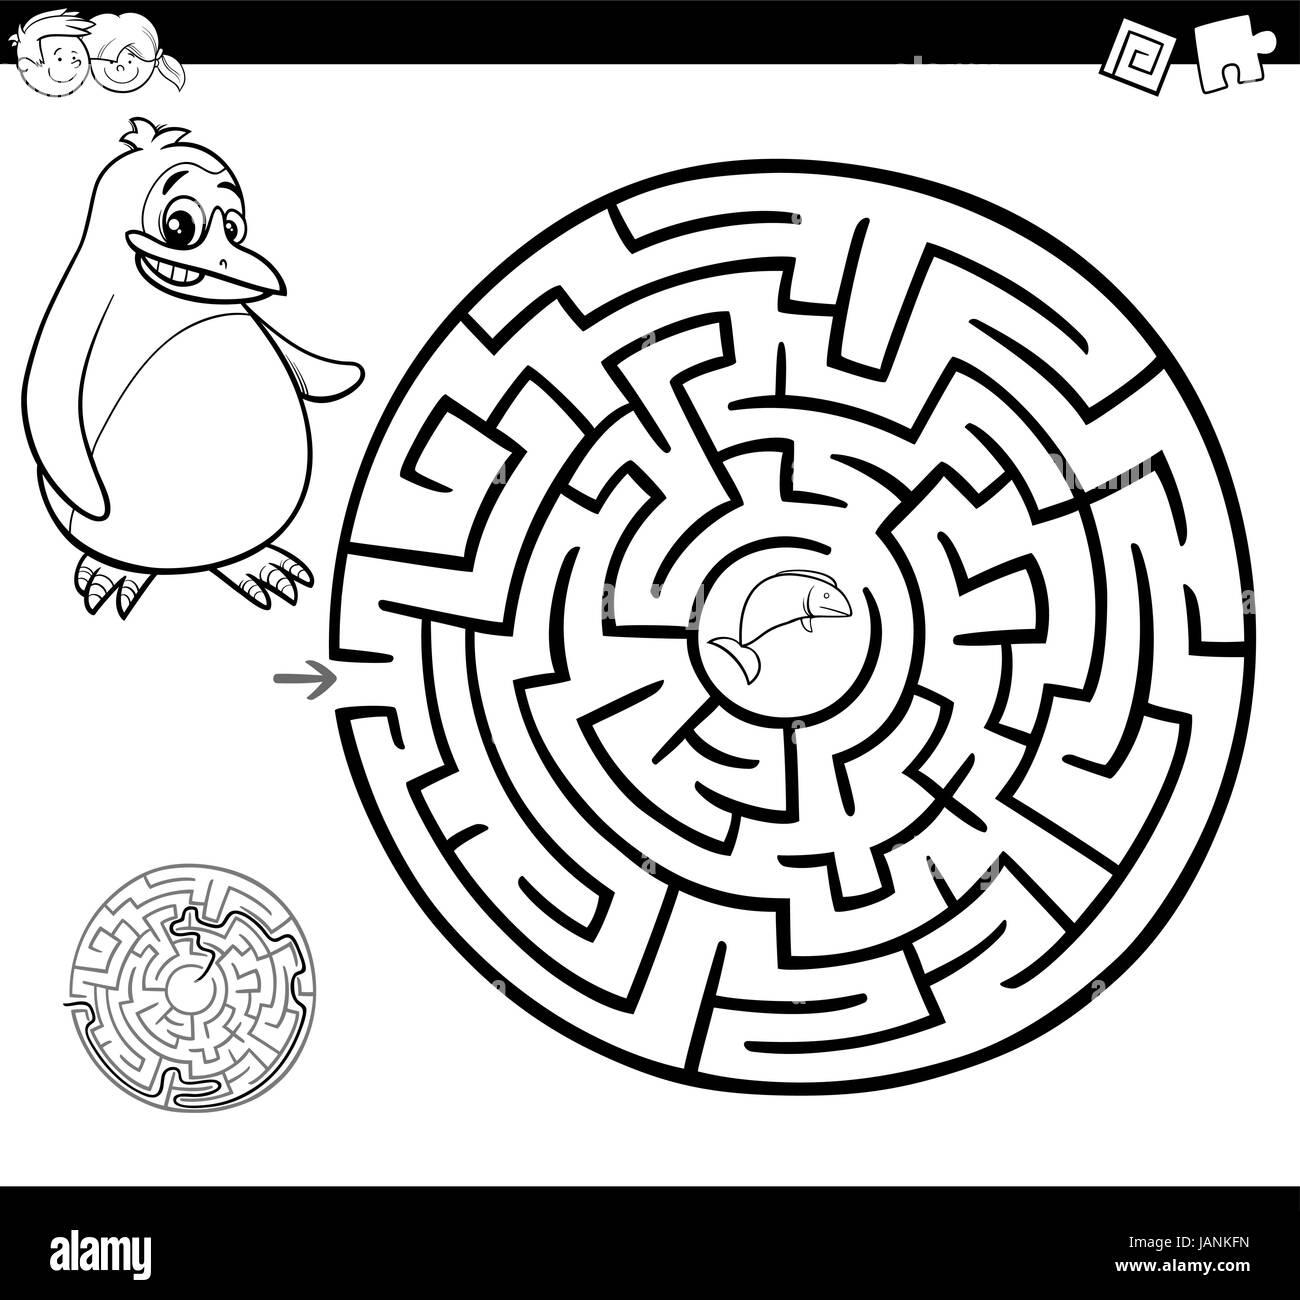 Ilustración De Dibujos Animados De Educación Laberinto Laberinto O